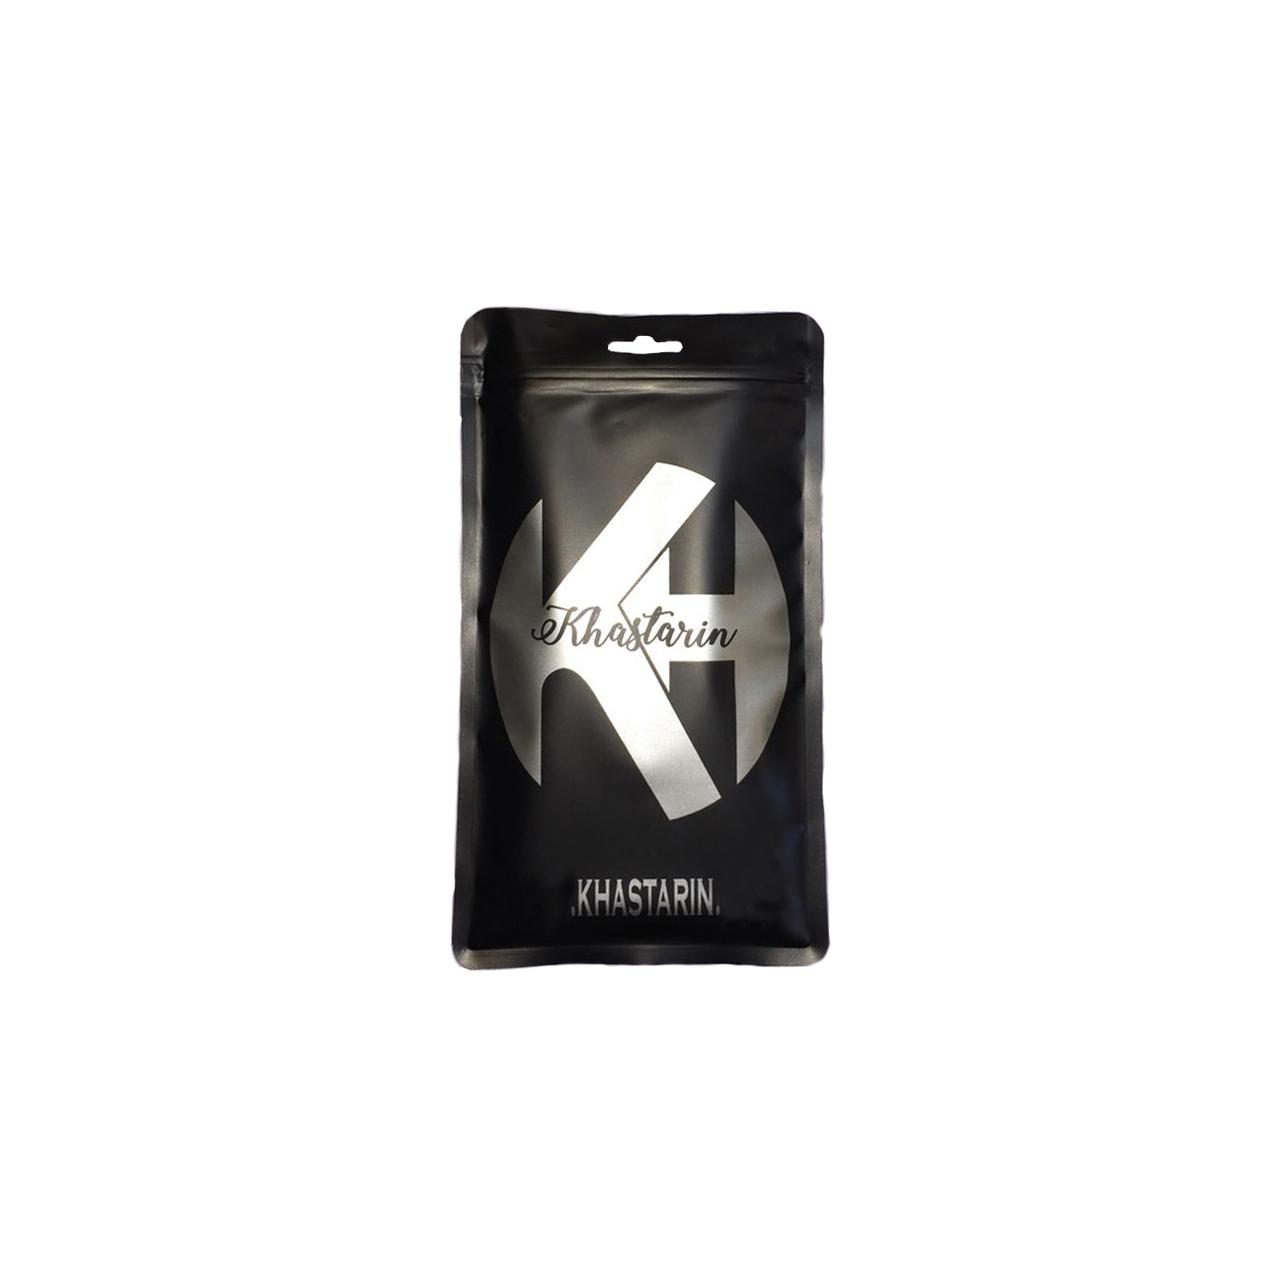 کاور کی اچ کد C19 مناسب برای گوشی موبایل اپل  Iphone 6 / 6S